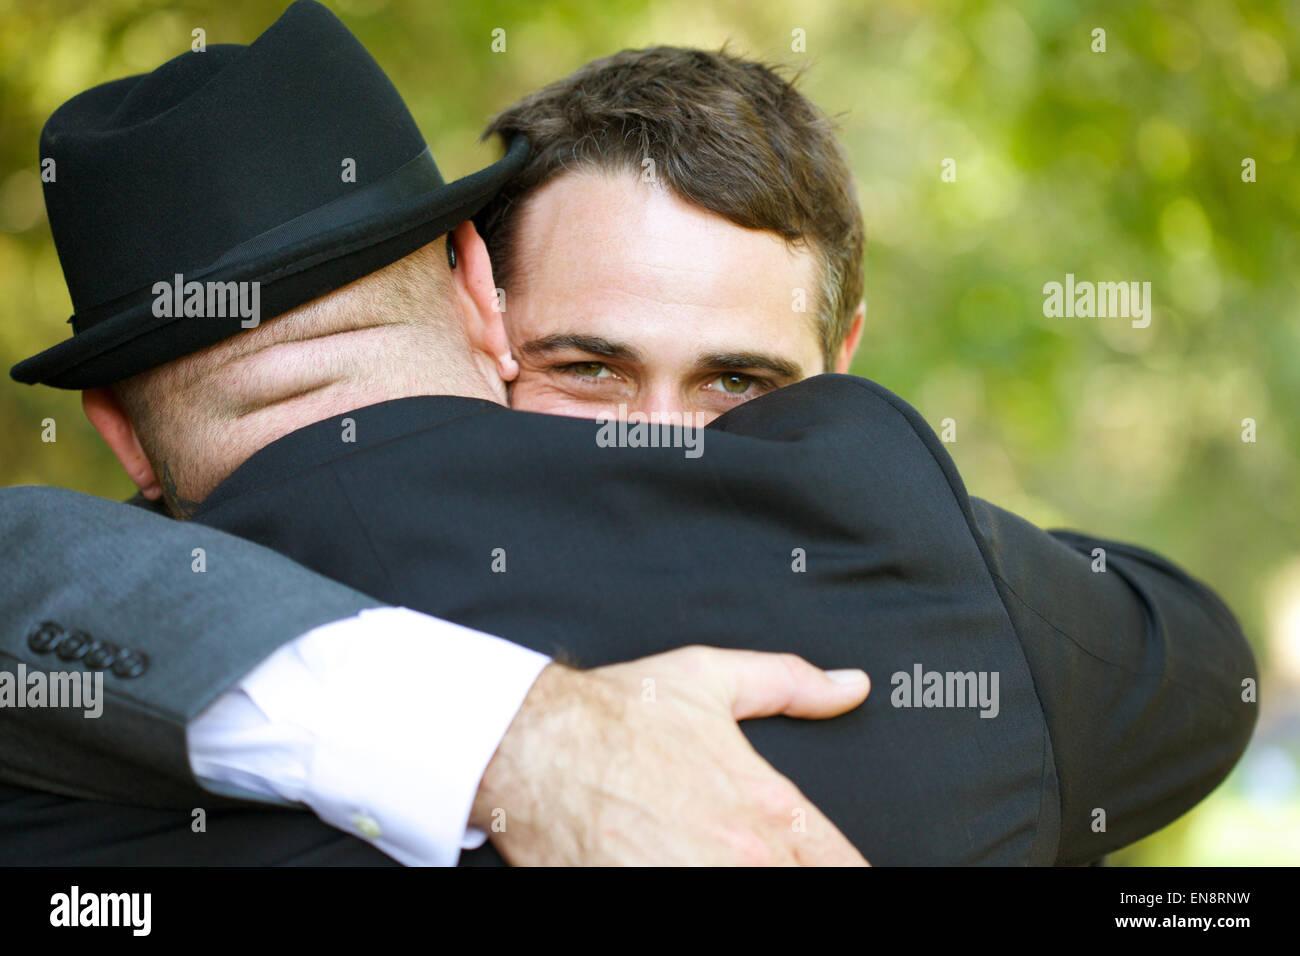 Zwei Männer umarmen, macht die man vor der Kamera Blickkontakt mit dem Betrachter. Stockbild